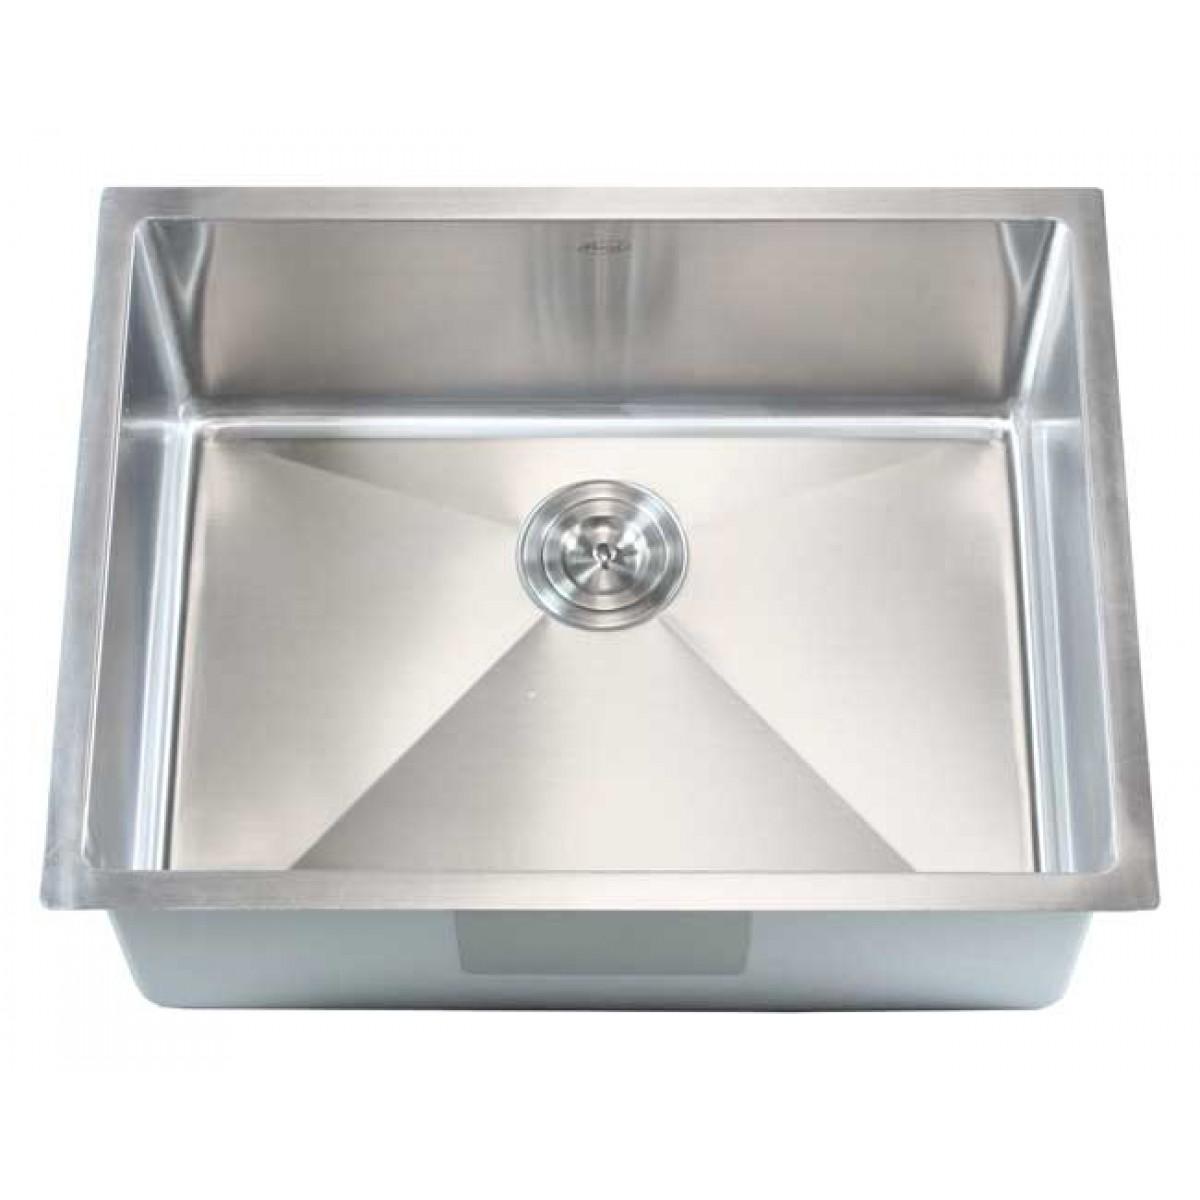 Ariel  Single Bowl Undermount Kitchen Sink